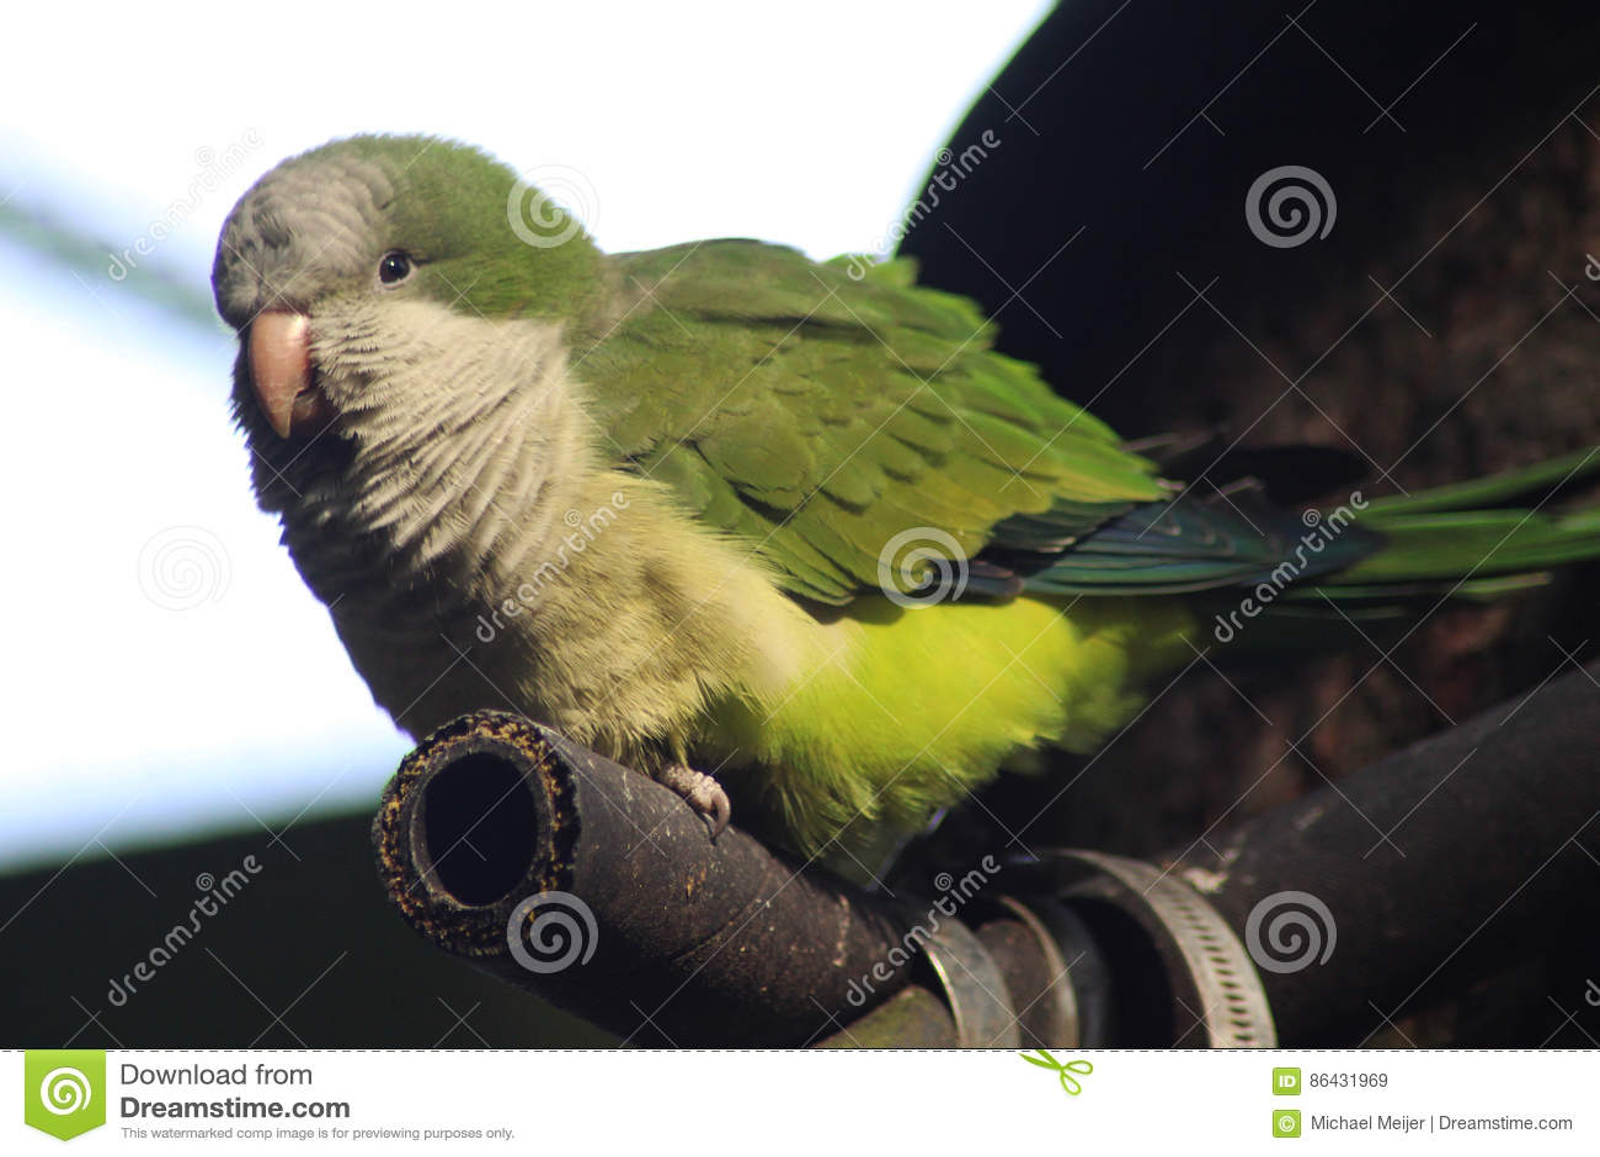 Monge Parakeet